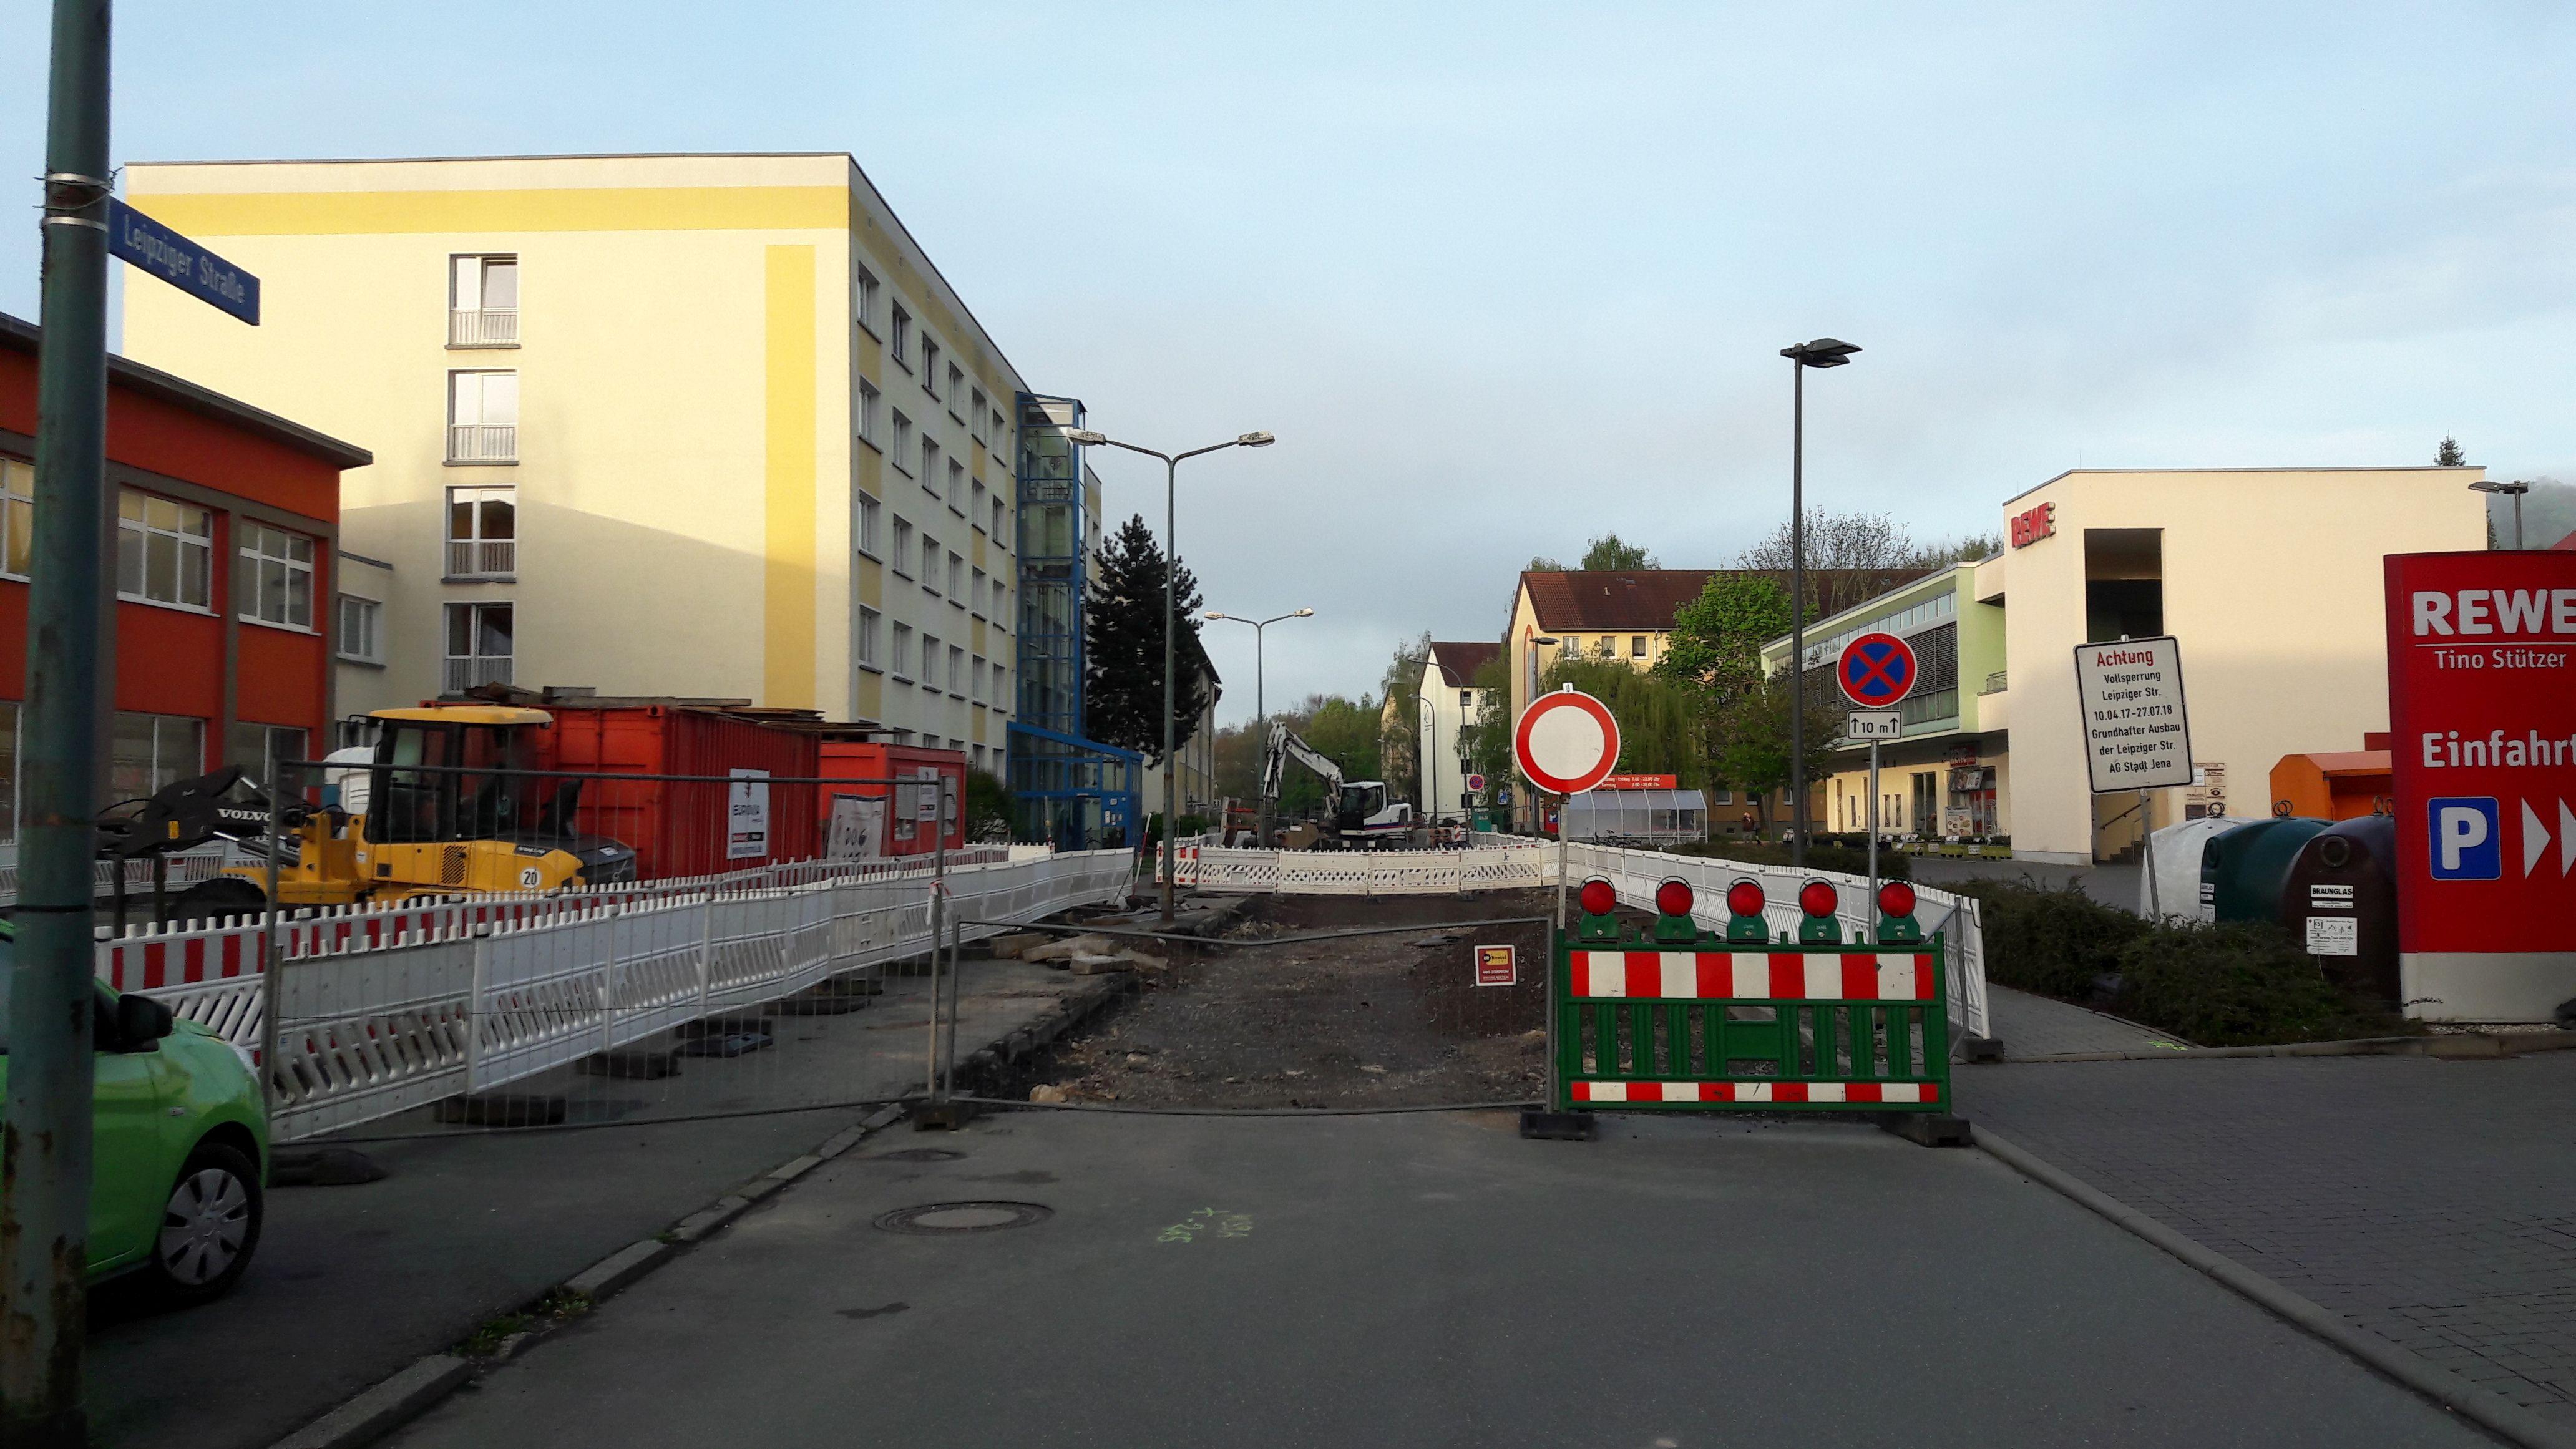 Zu sehen ist die Leipziger Straße, flankiert von Bauzäunen, der Asphaltbelag wurde bereits entfernt. Blick von Abzweig zur Camburger Straße nach Scharnhorststraße